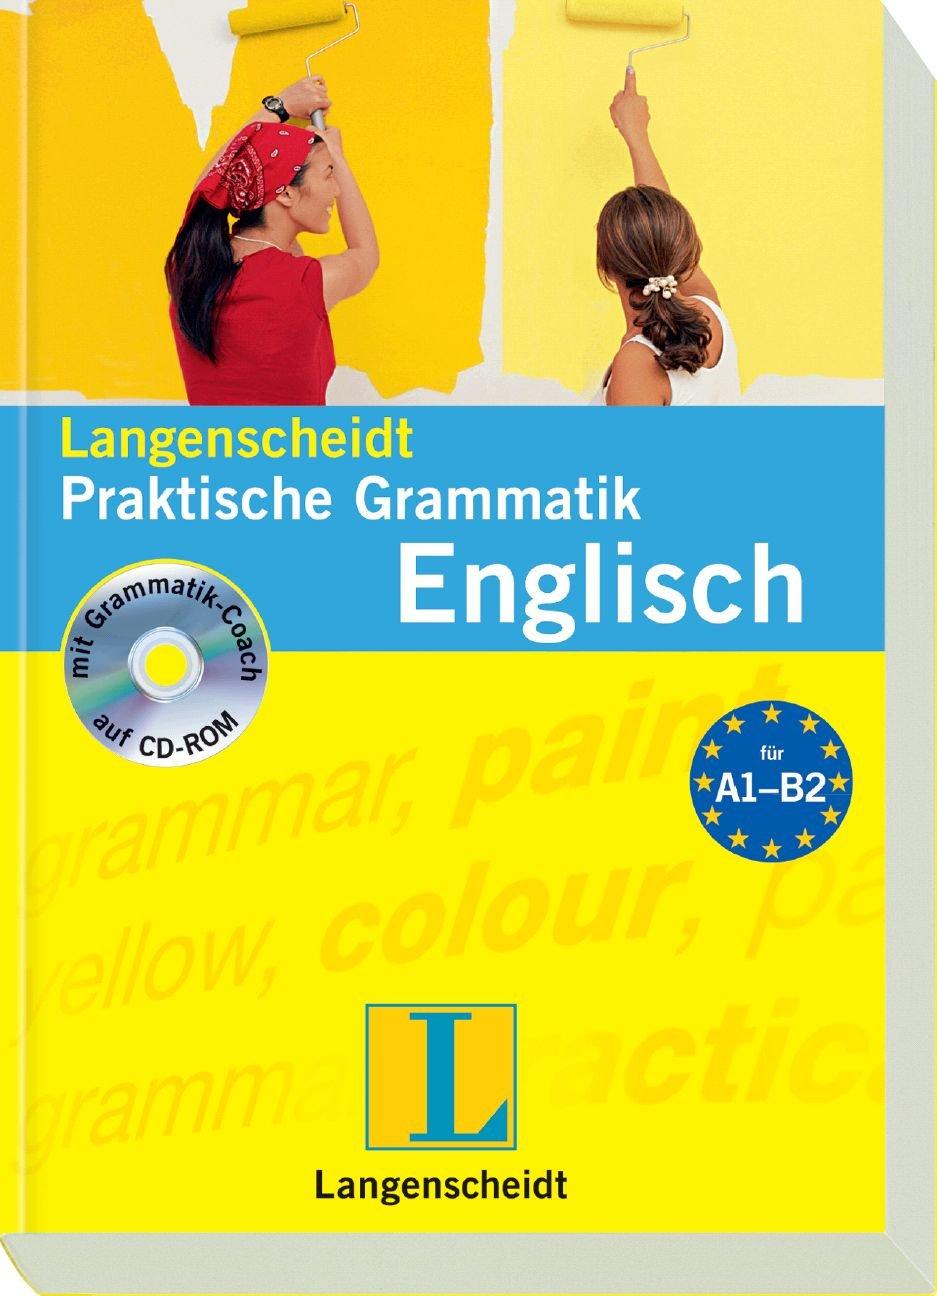 Langenscheidt Praktische Grammatik Englisch - Buch mit CD-ROM